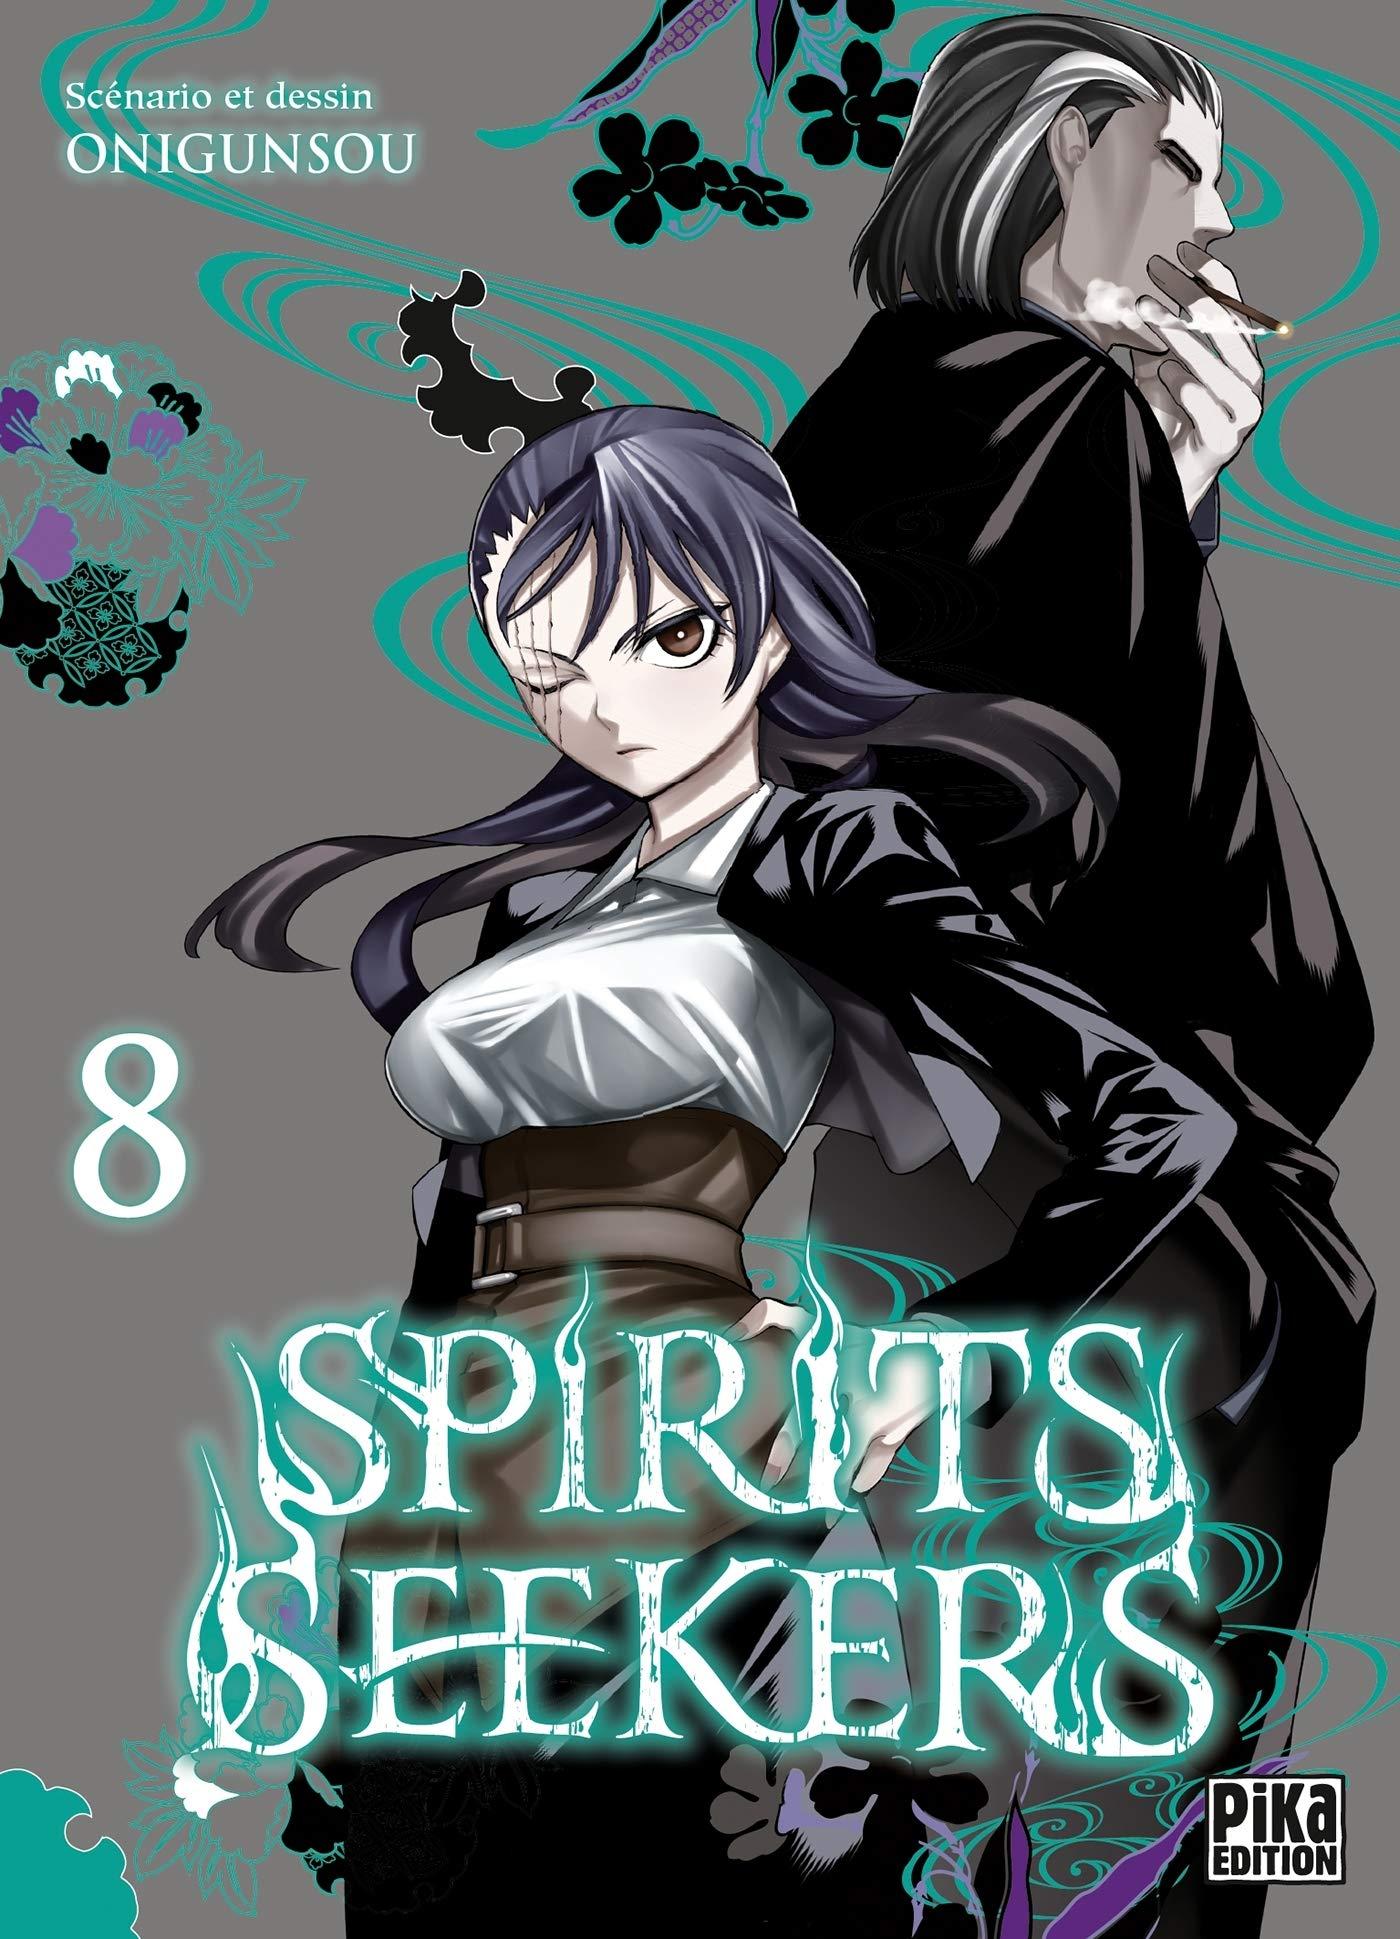 Spirits seekers 8